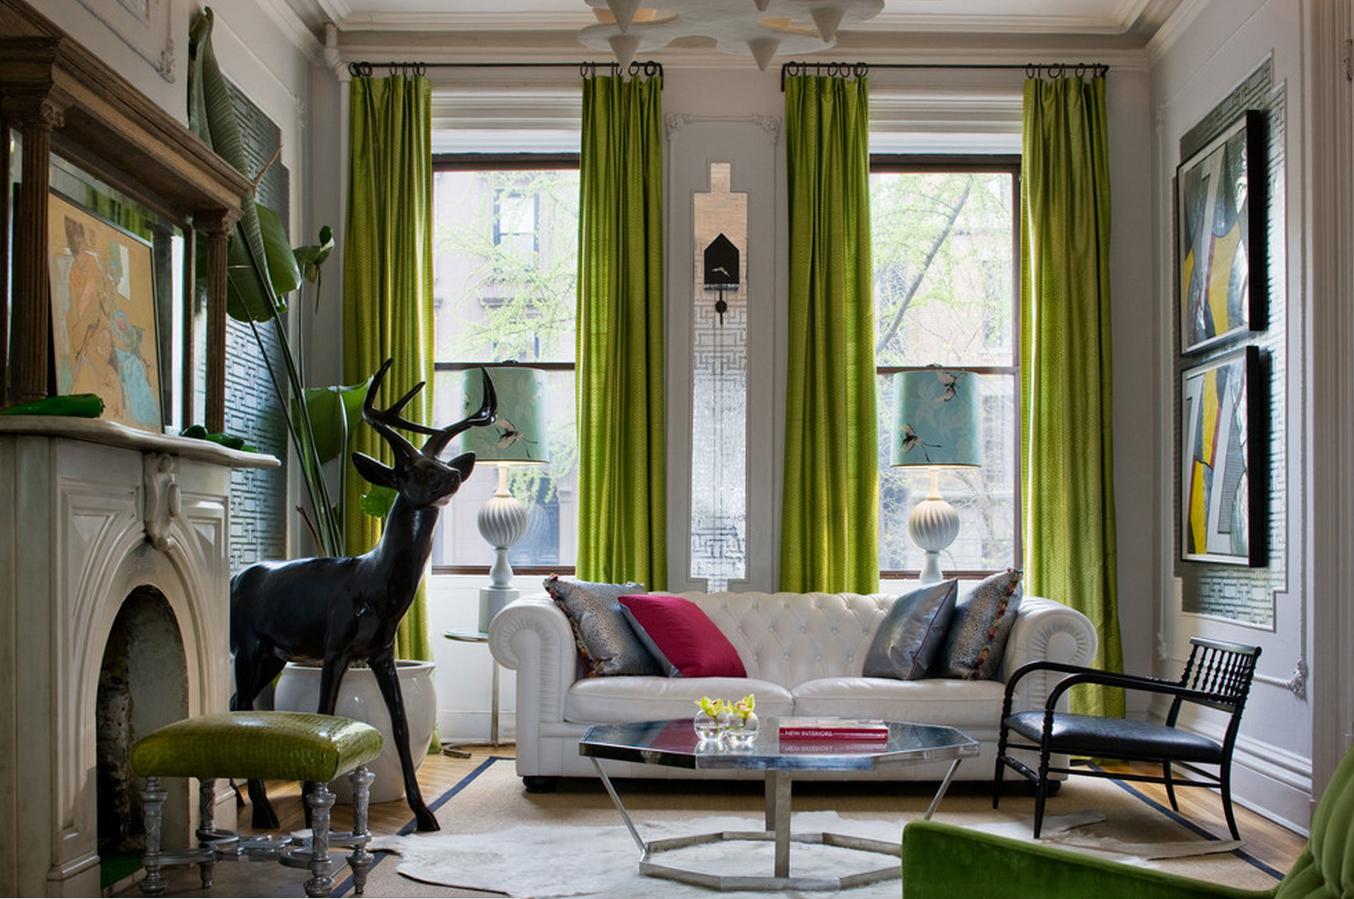 Окна - один из самых простых и недорогих способов изменить внешний вид комнаты